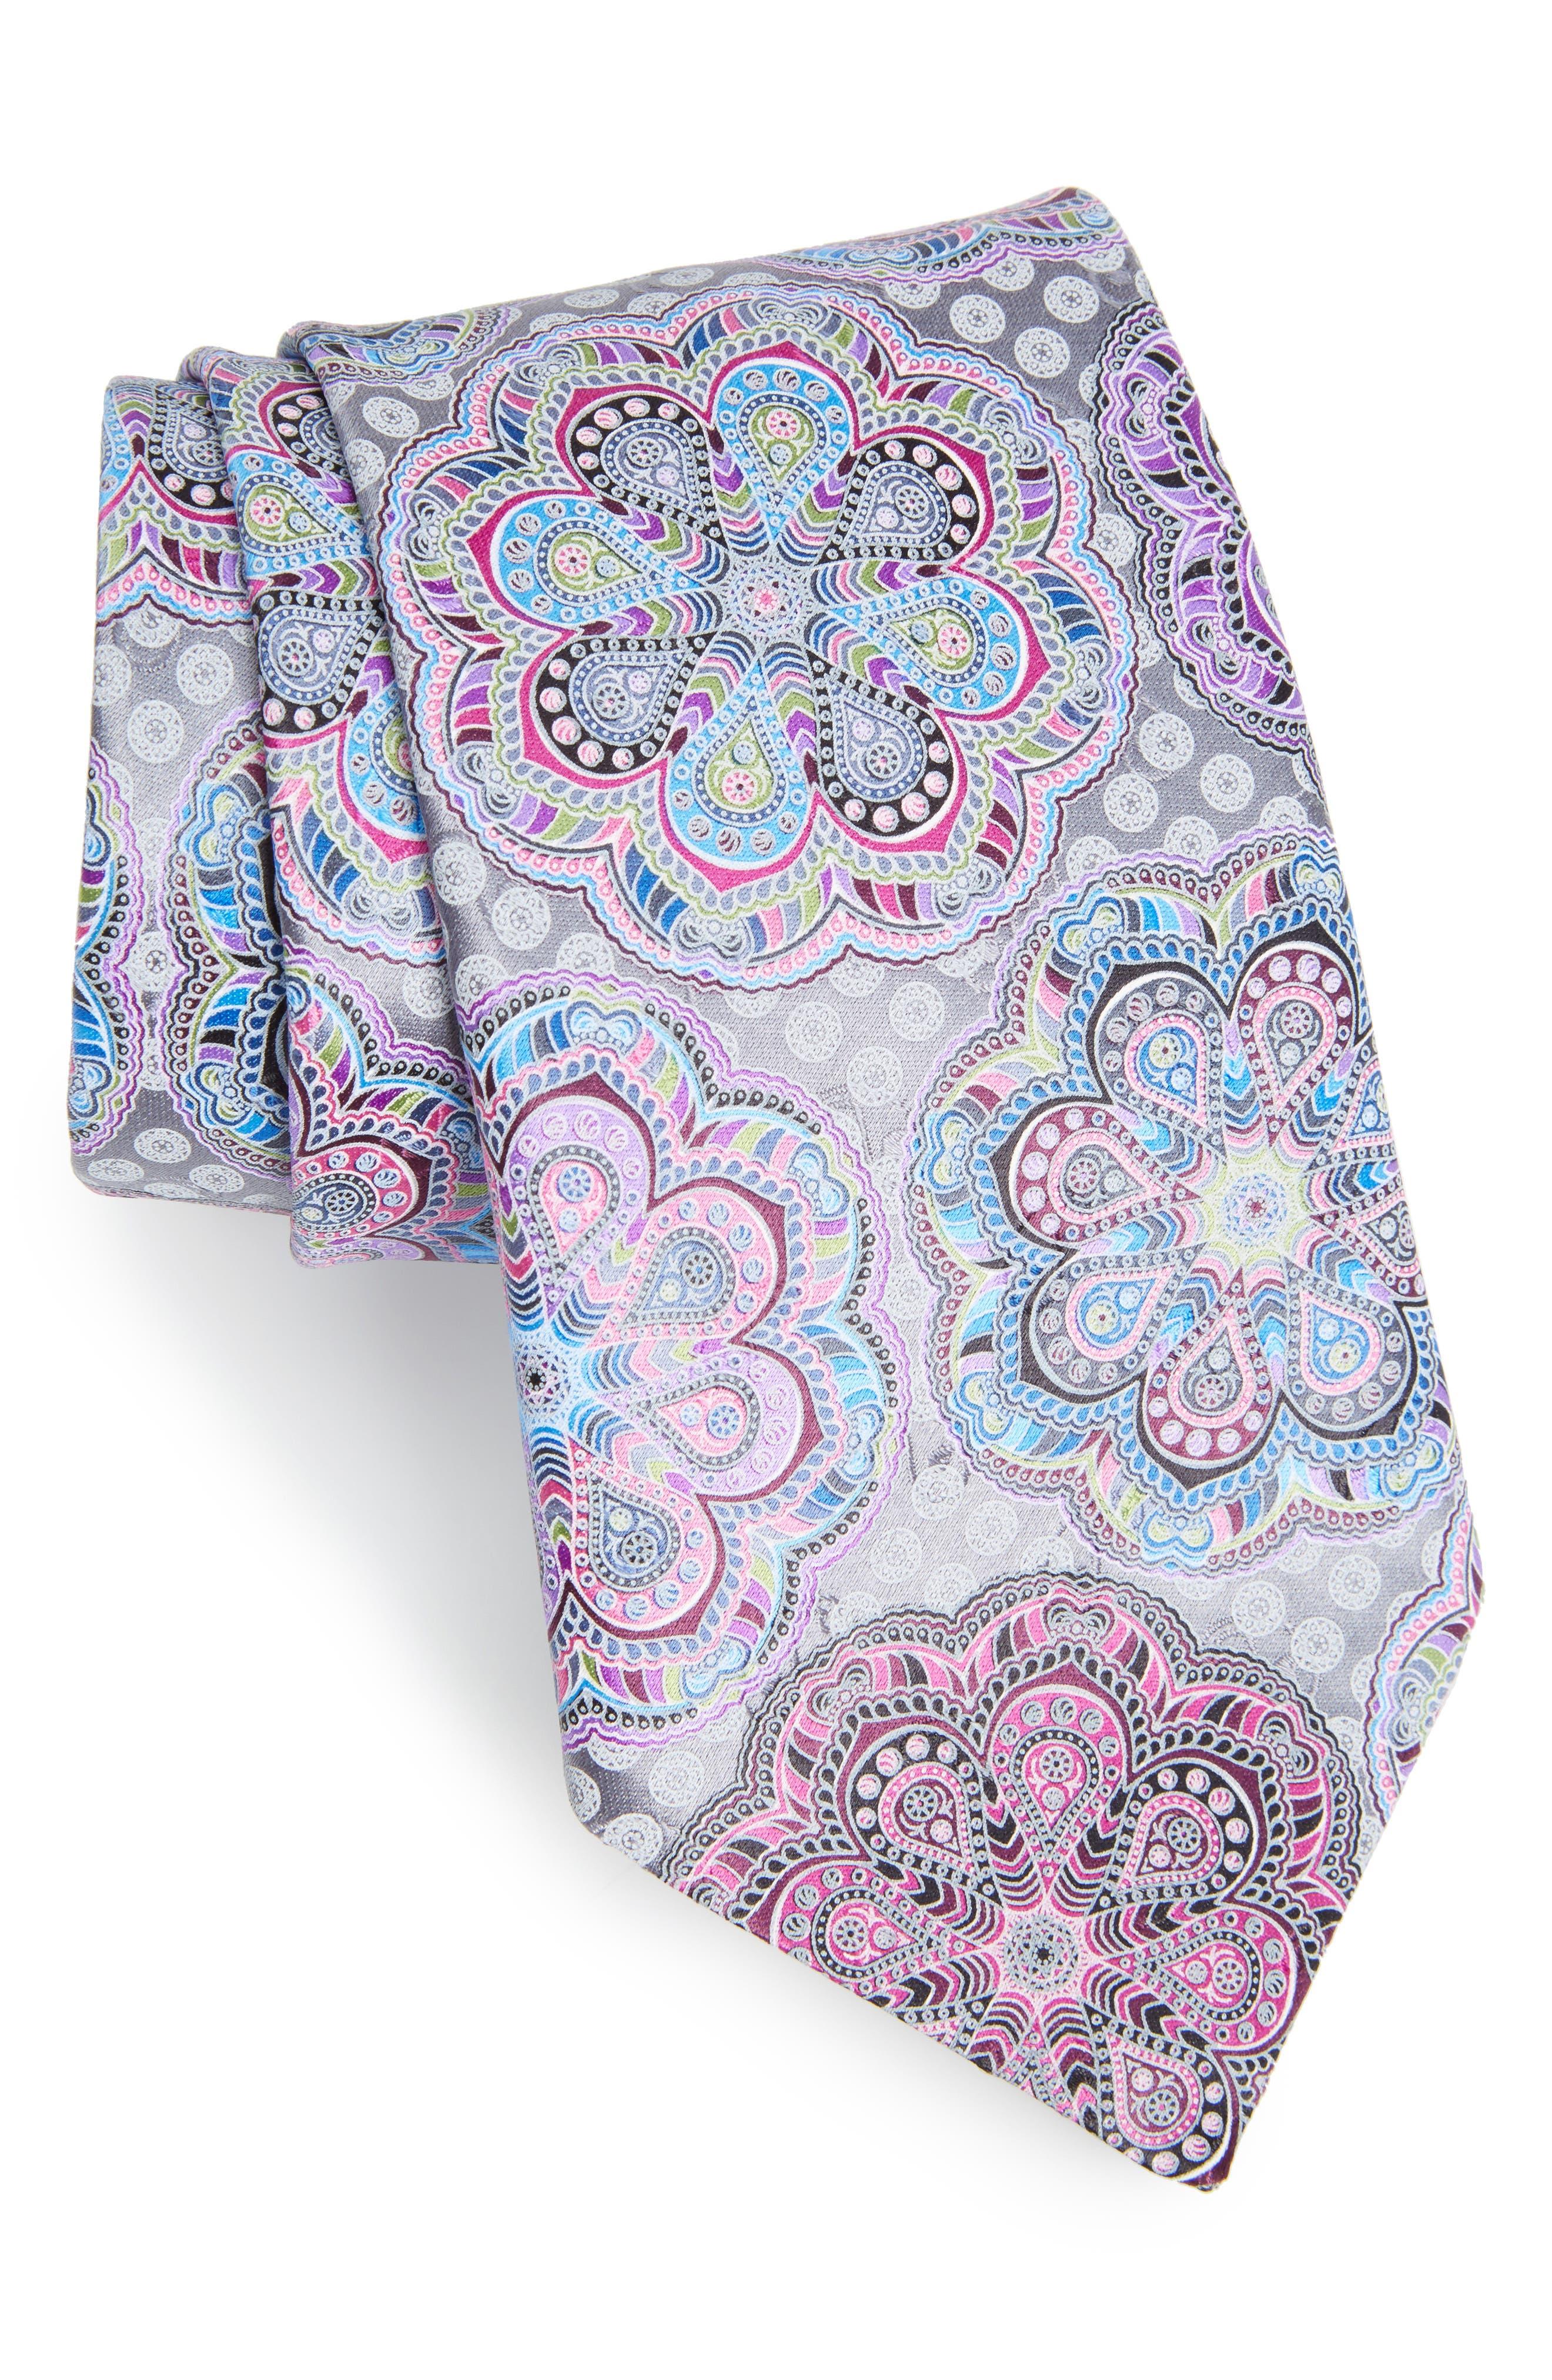 Alternate Image 1 Selected - Ermenegildo Zegna Medallion Woven Silk Tie